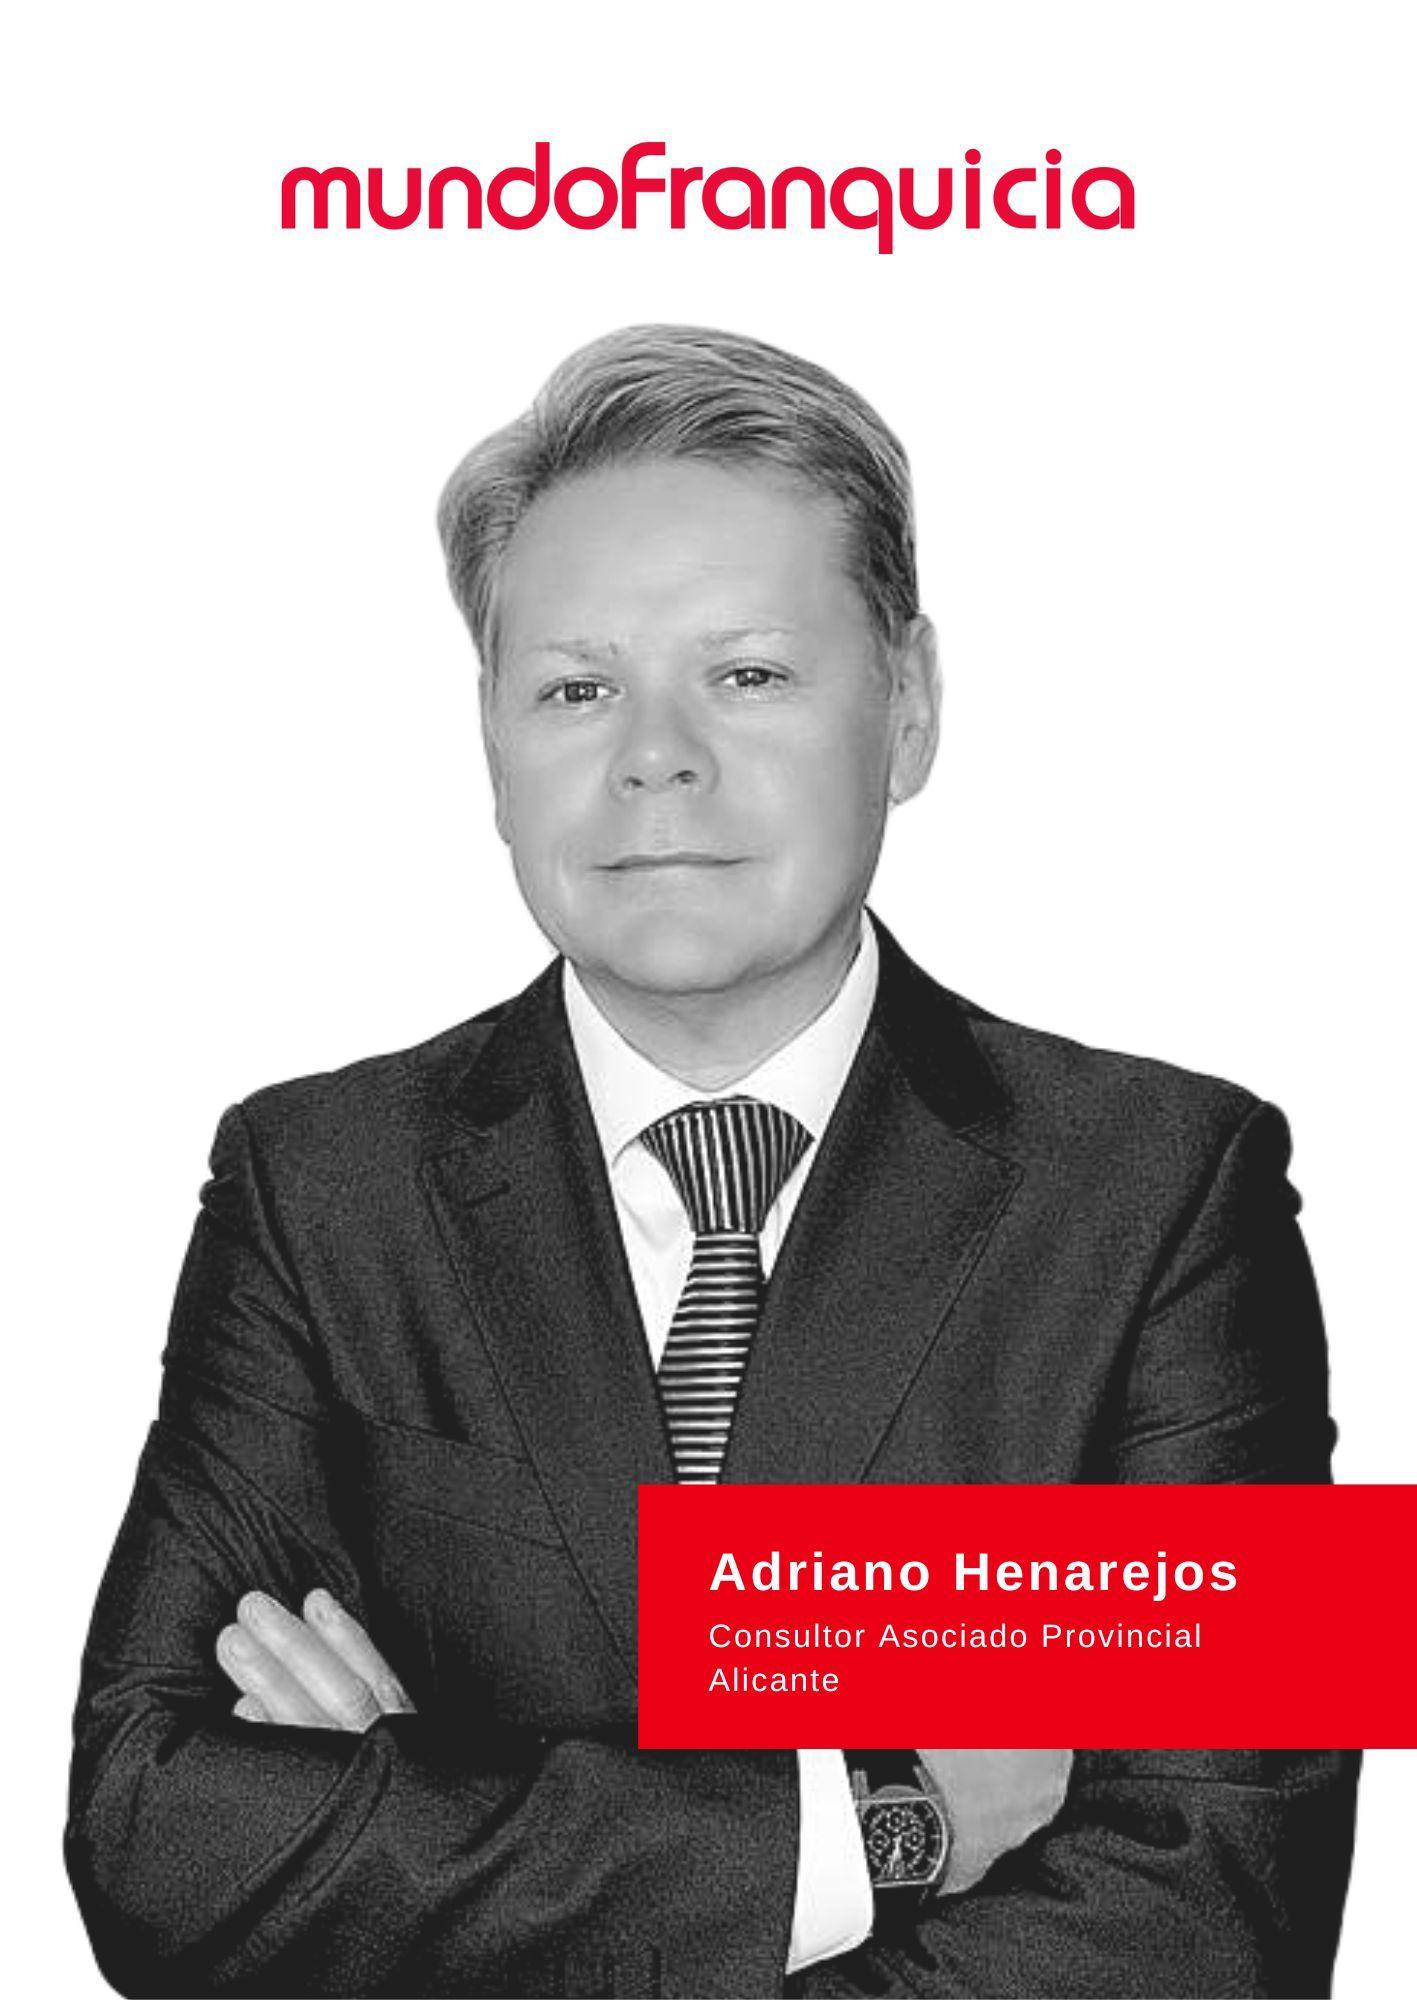 Adriano Henarejos